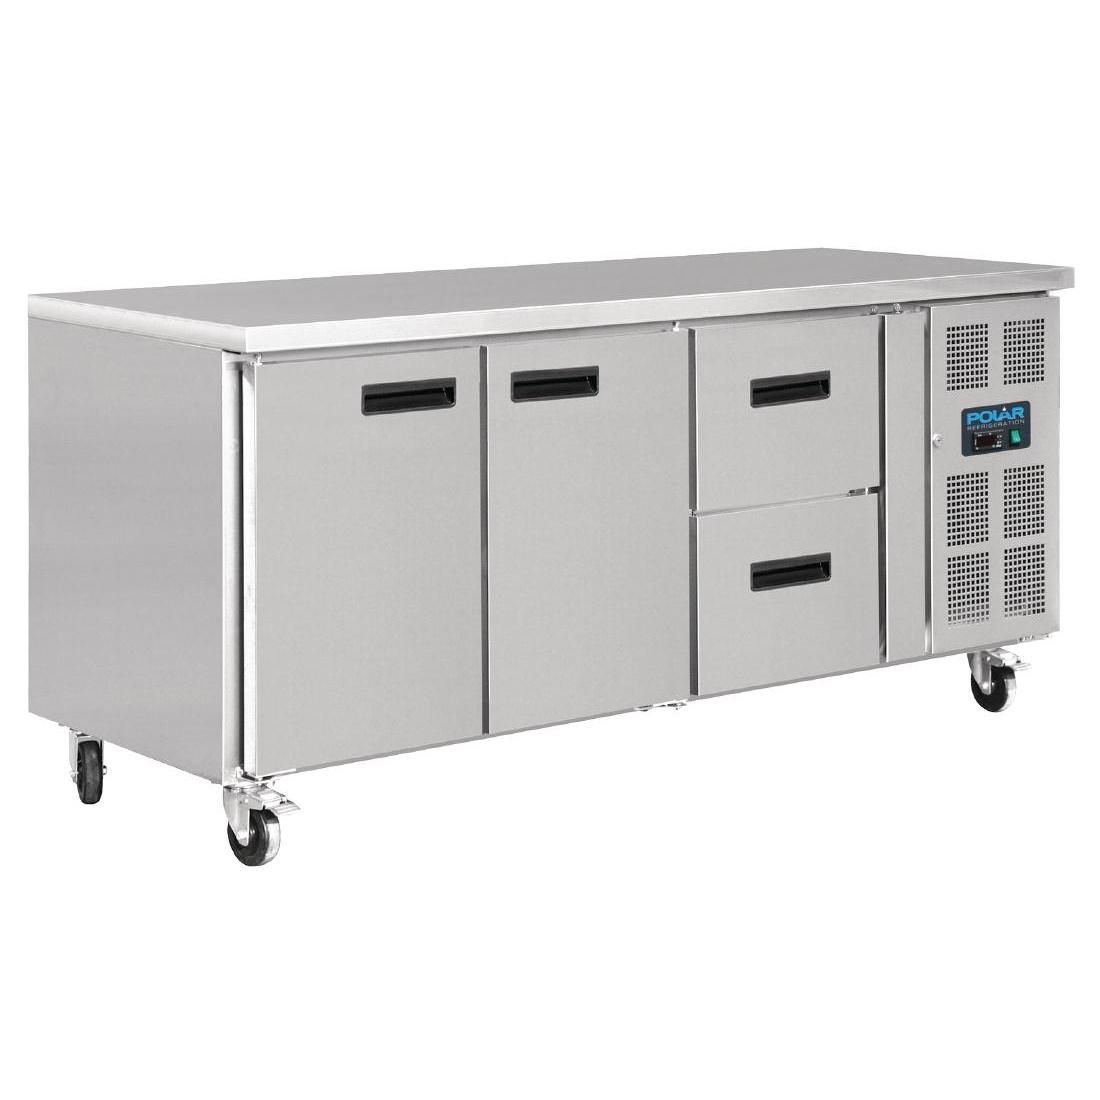 Table réfrigérée 2 portes 2 tiroirs 417L